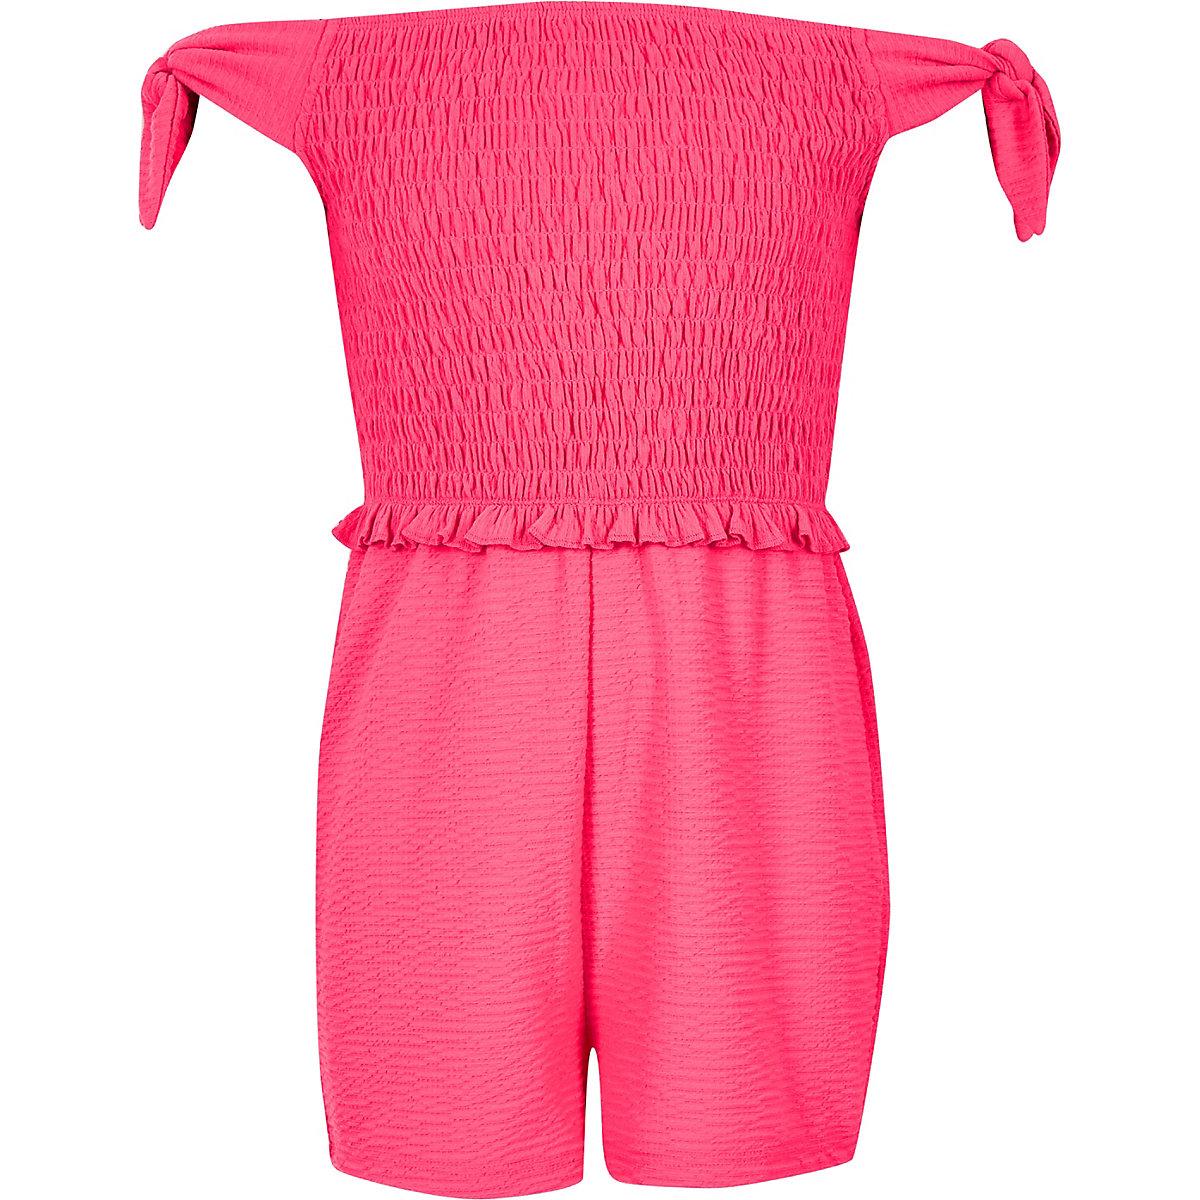 Girls neon pink shirred bardot playsuit